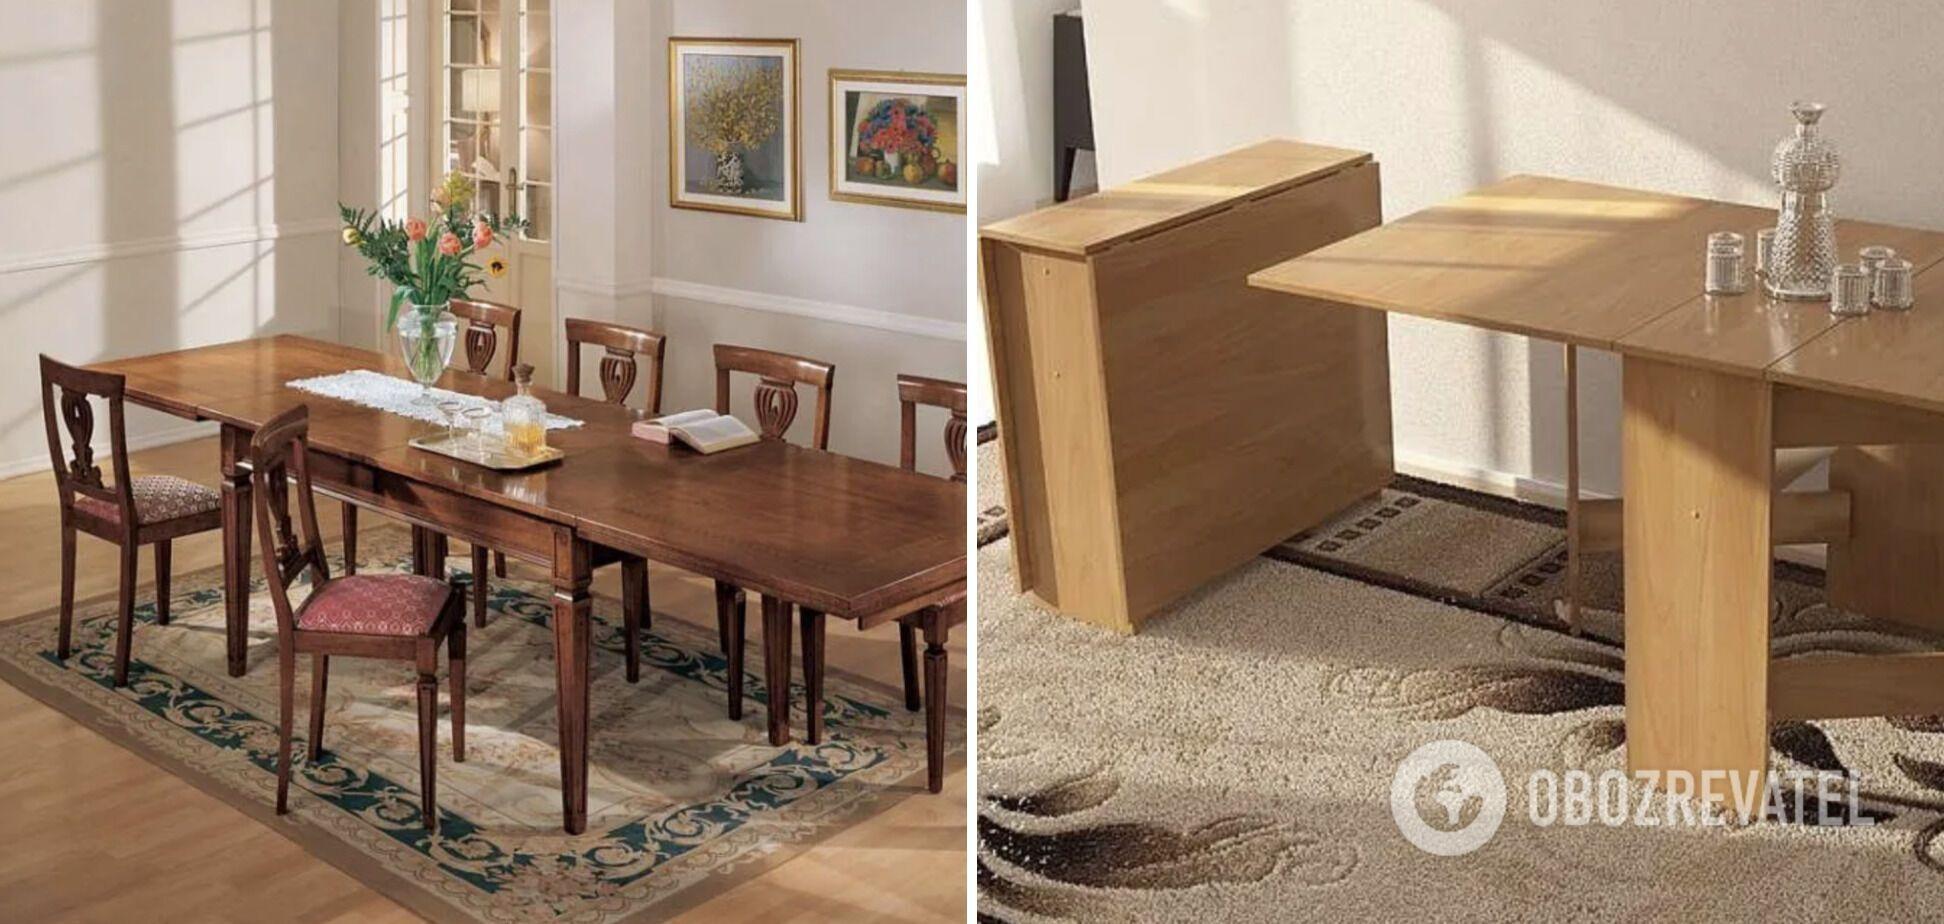 Люди ставили величезний стіл у маленькій вітальній